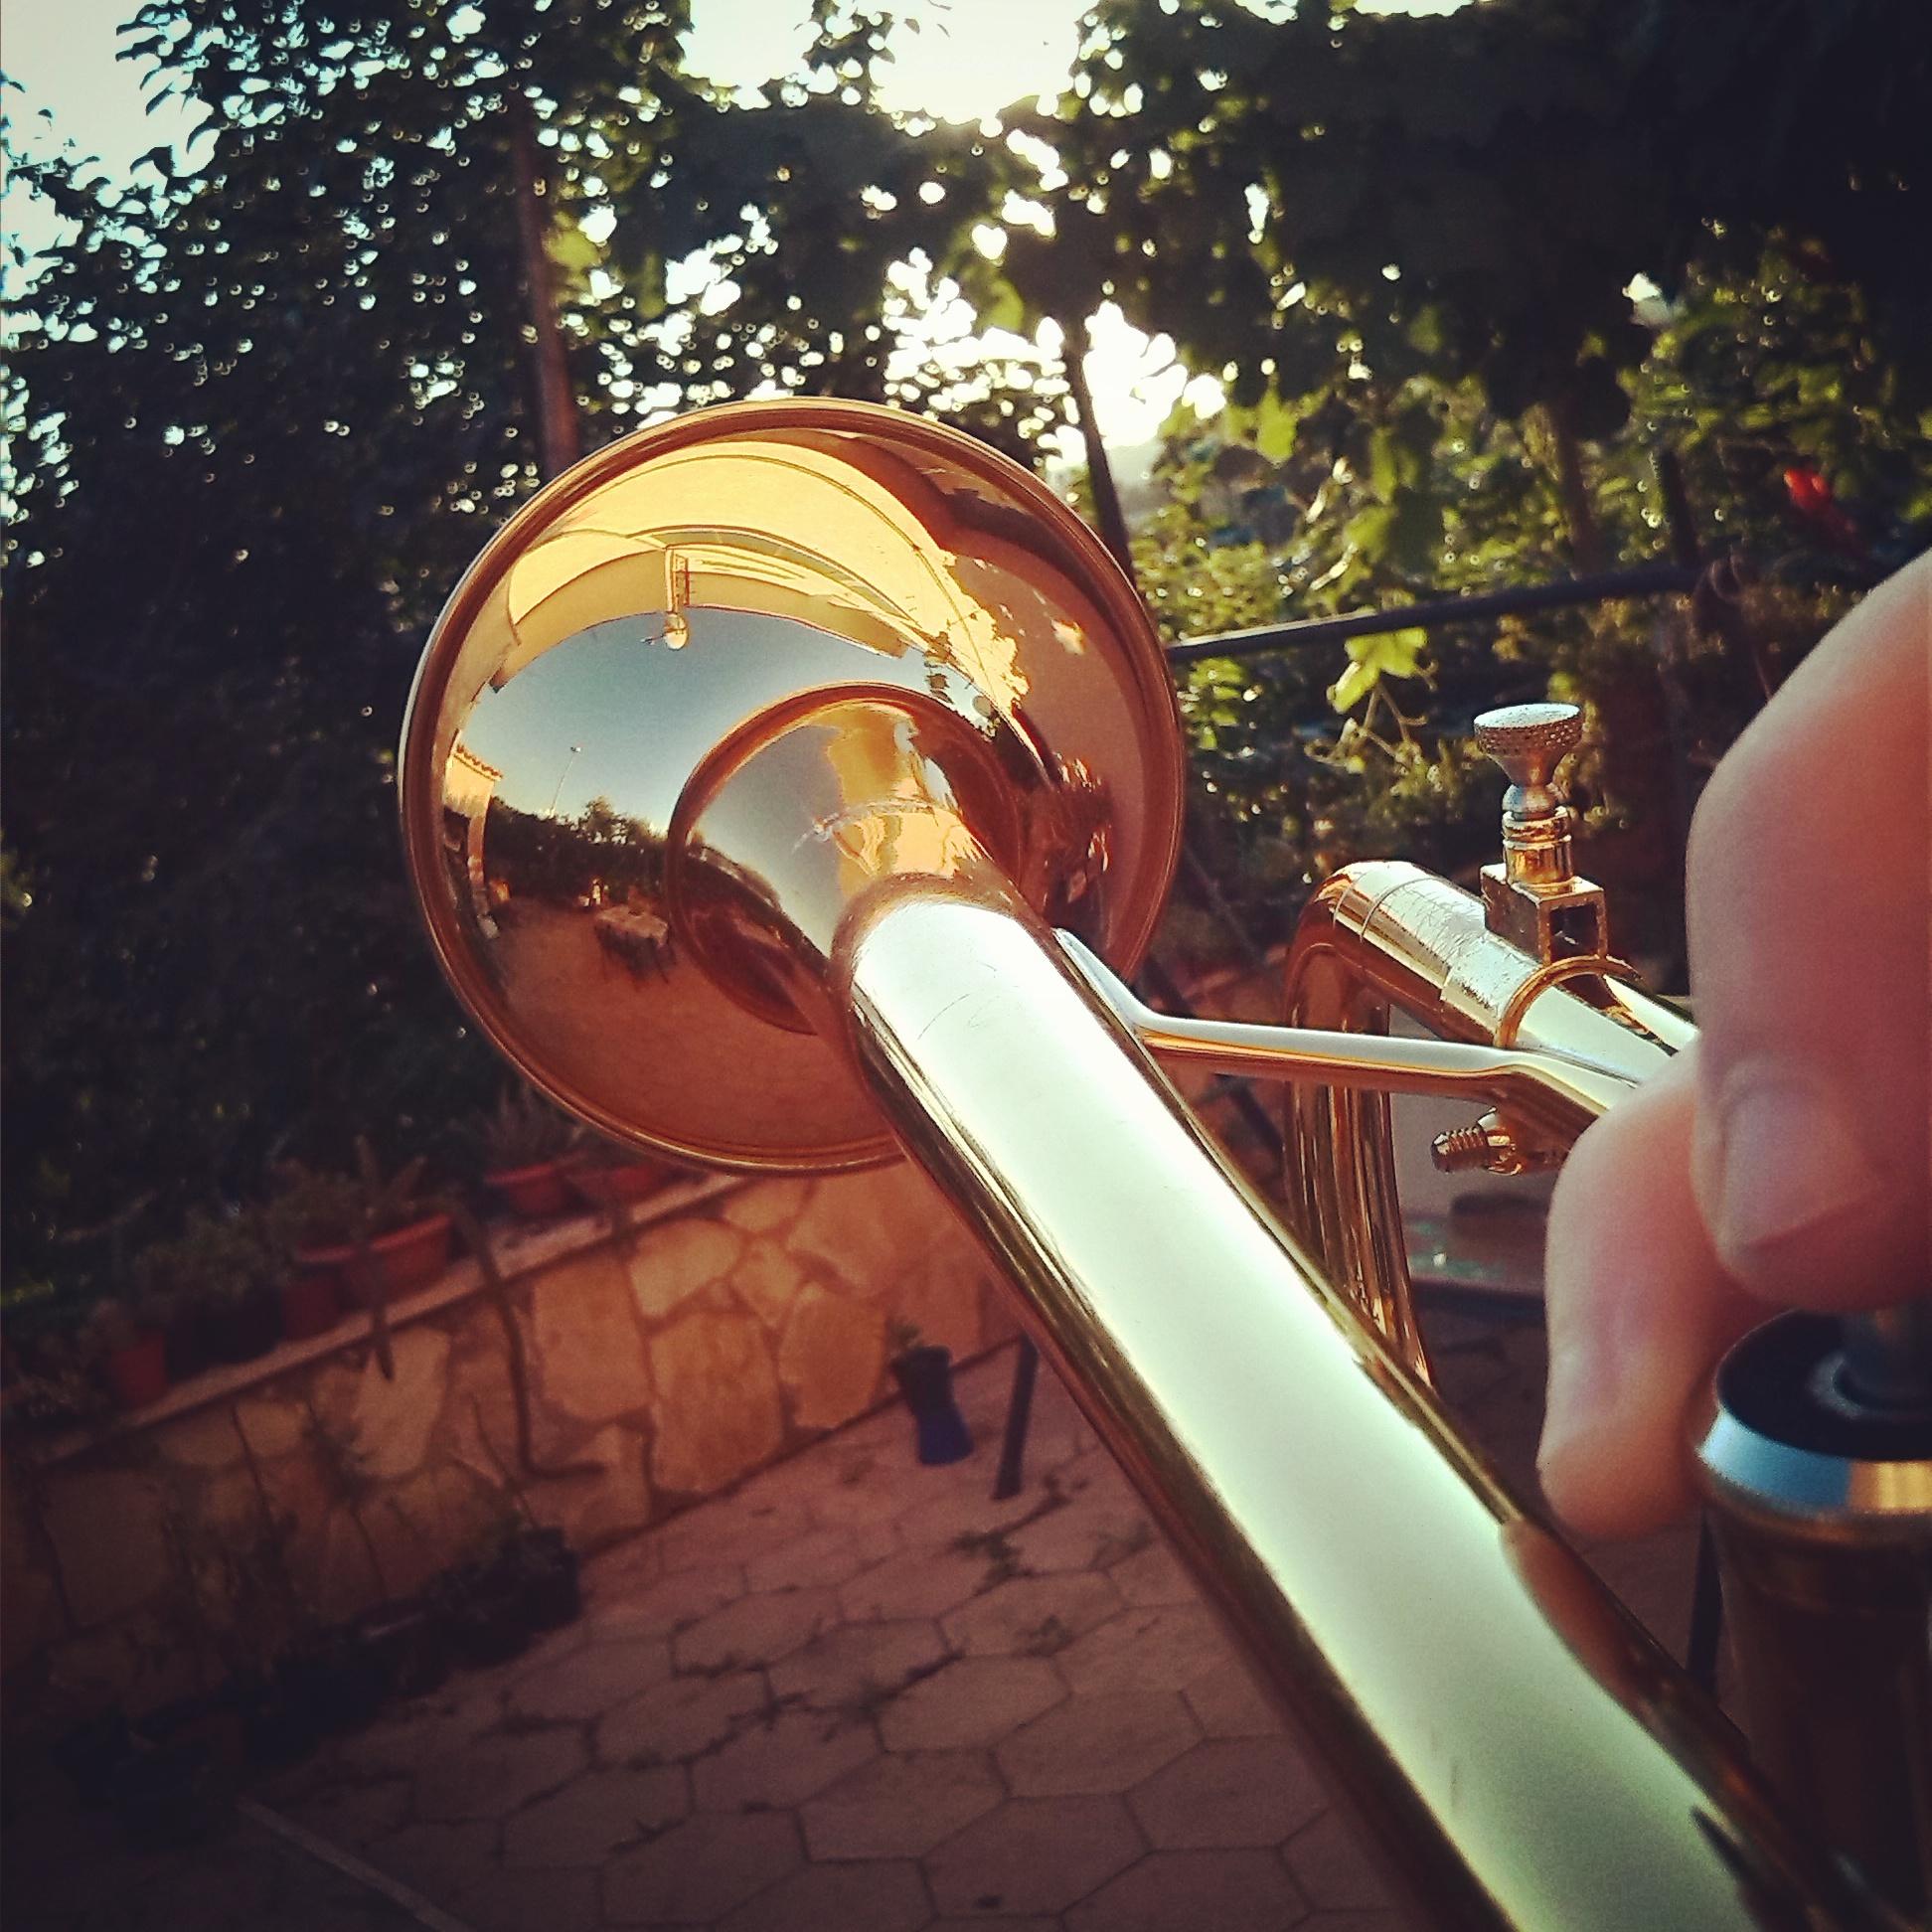 imparare a suonare la tromba